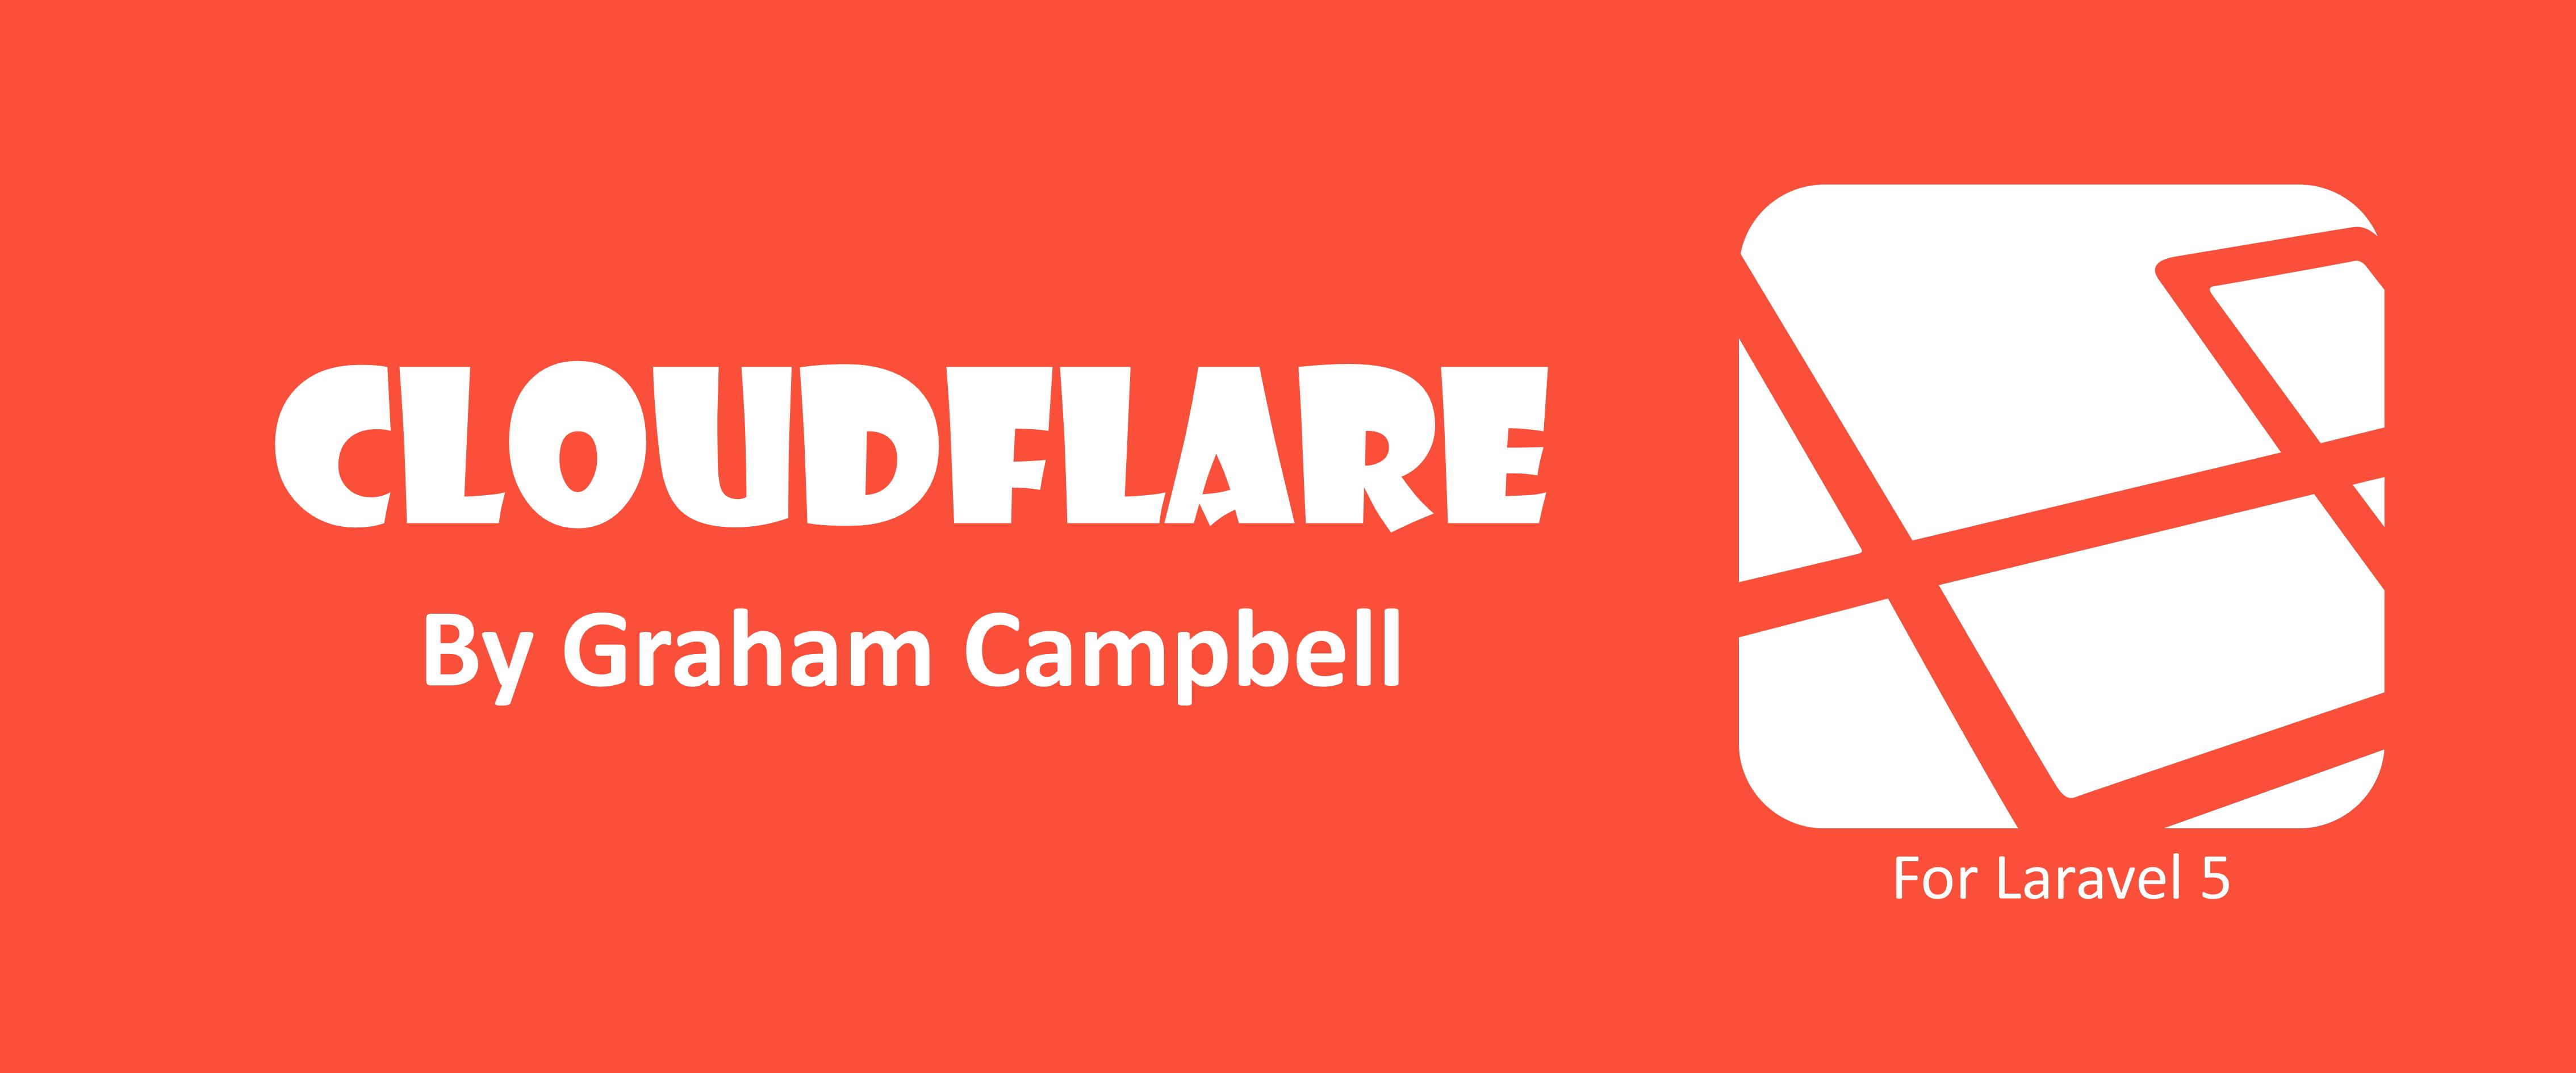 Laravel CloudFlare